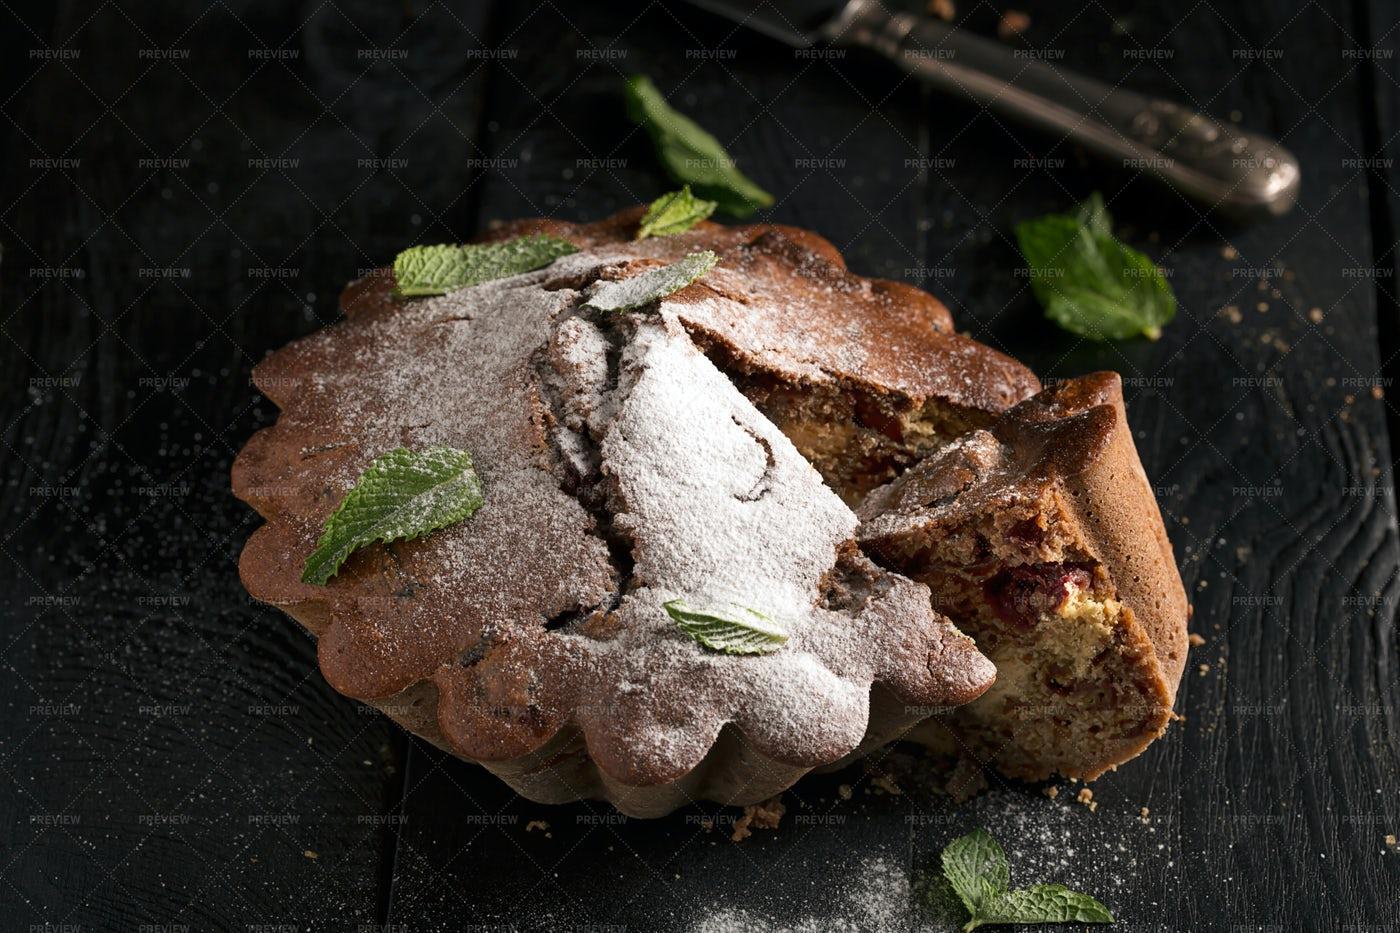 Chocolate Cake Close-Up: Stock Photos